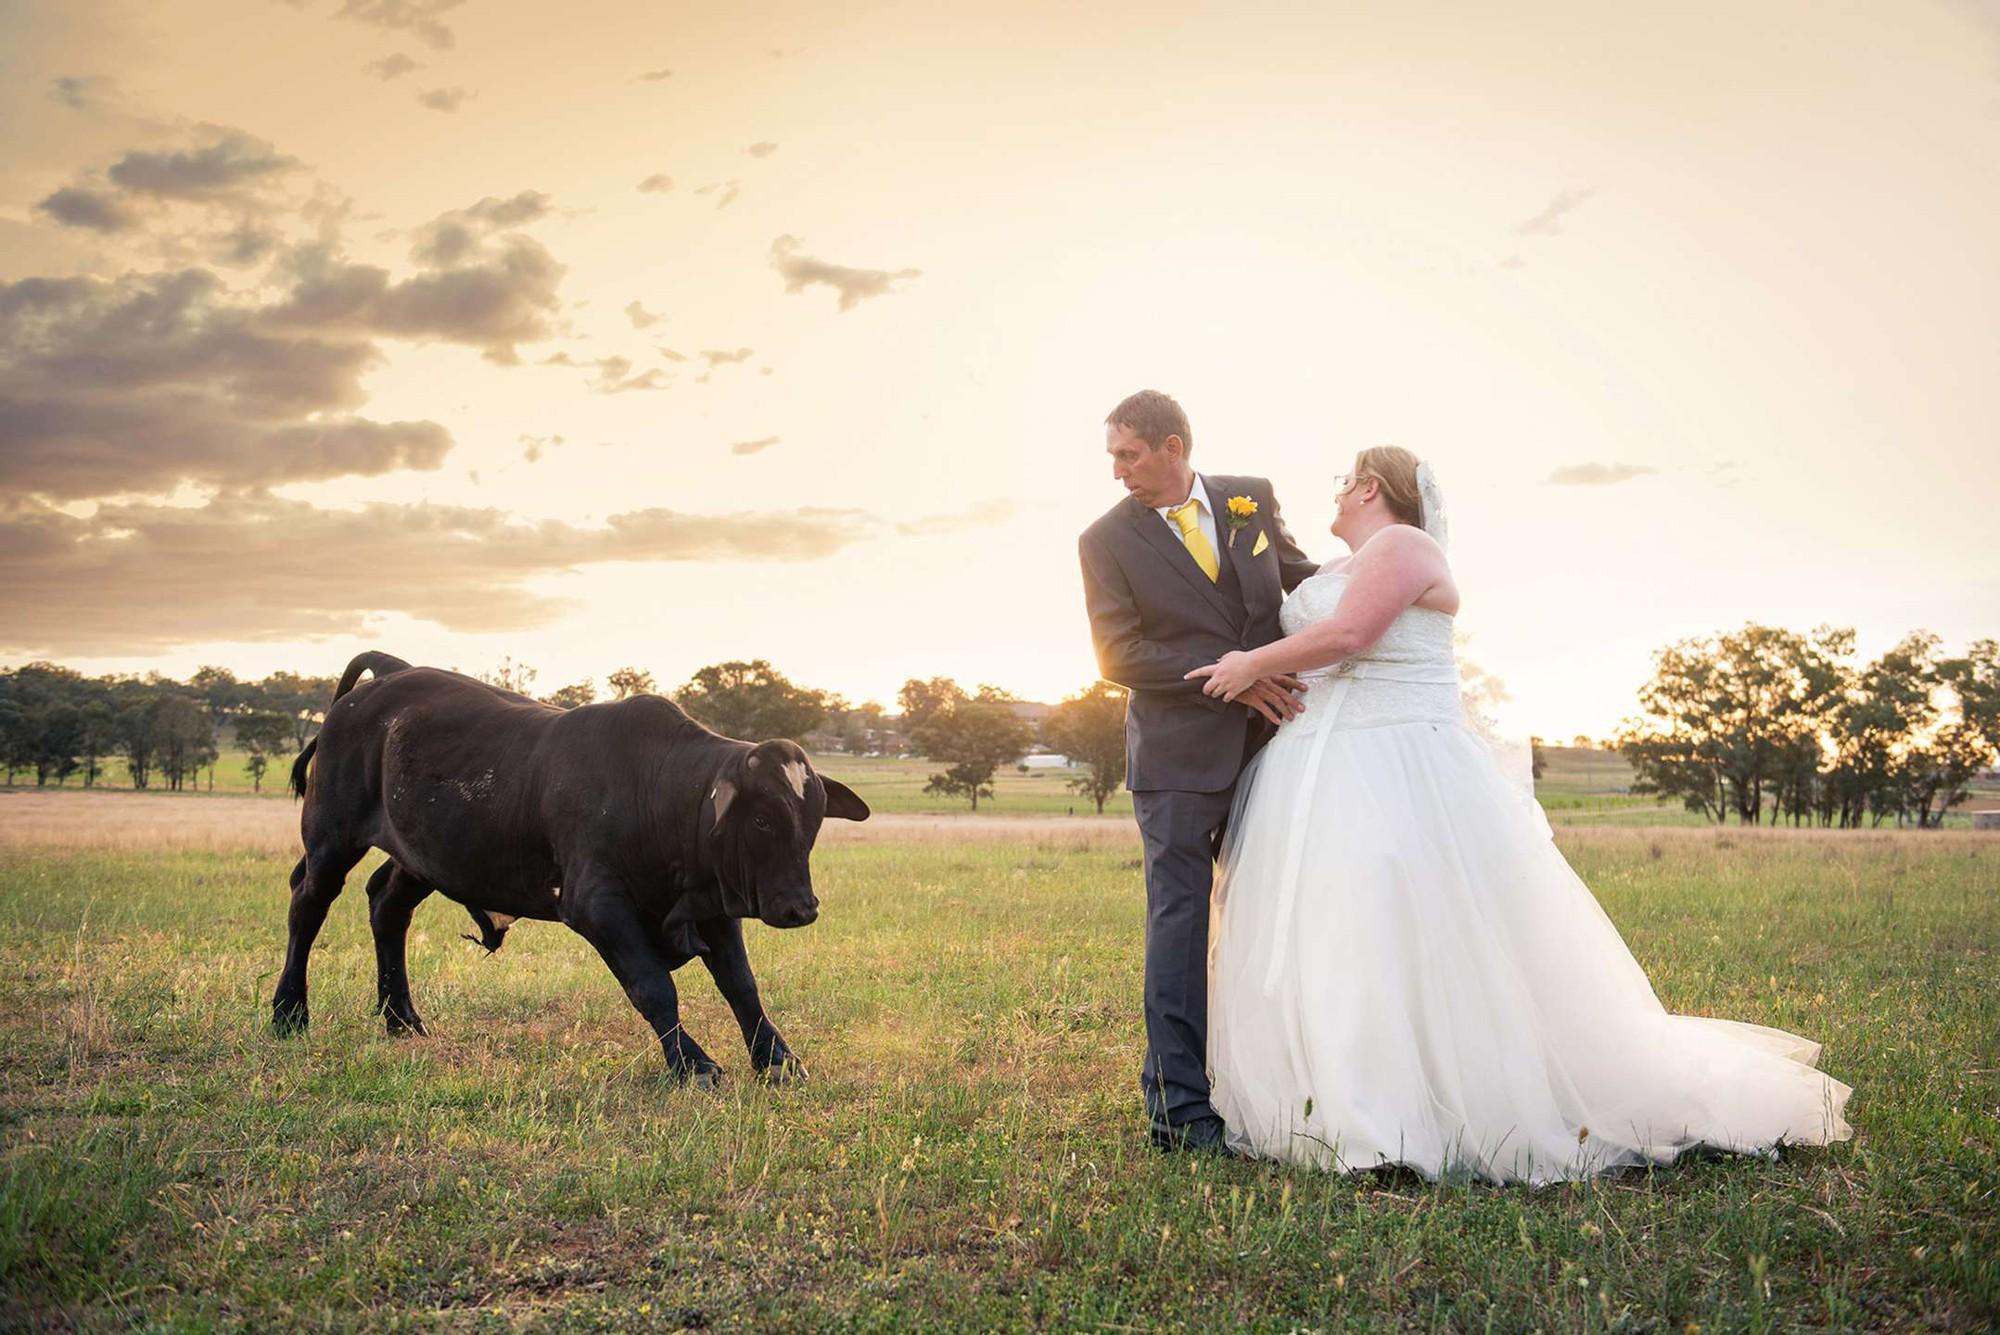 Фото невест в деревне, Свадьба без гламура и пафоса. Фото деревенской свадьбы 22 фотография